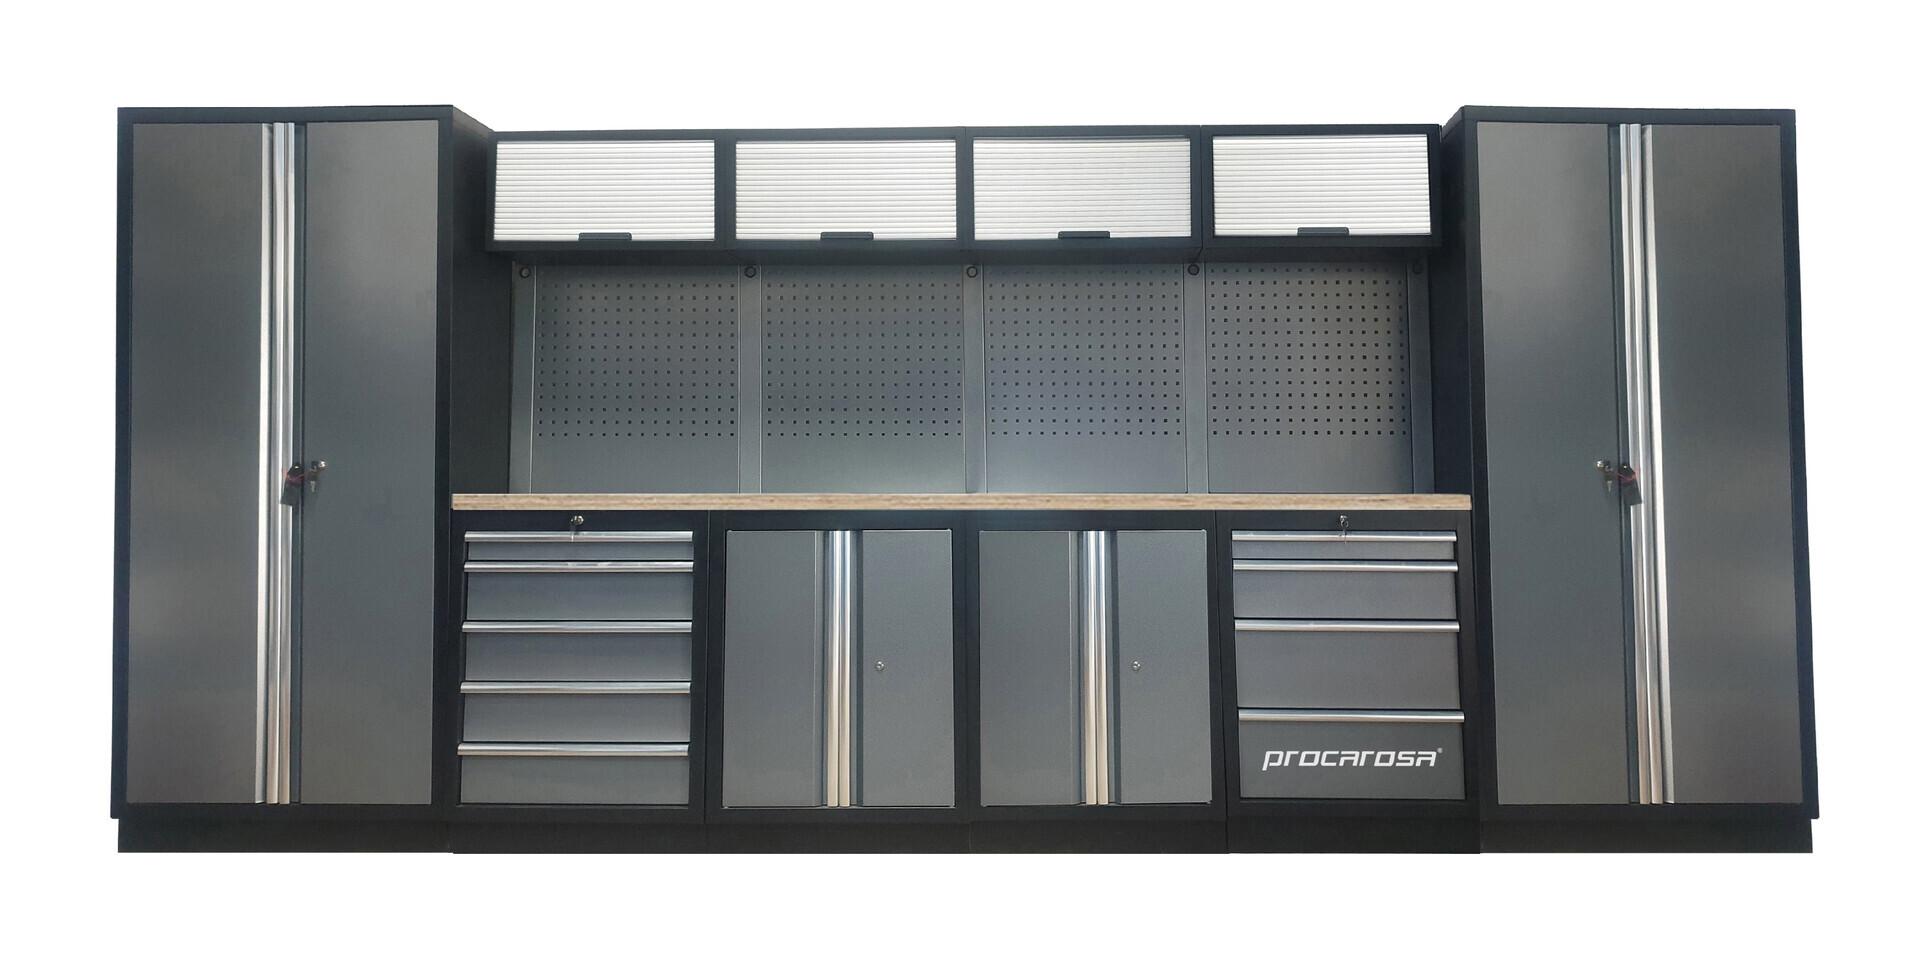 Sestava dílenského nábytku Procarosa PROFESSIONAL XXL-1 Pracovní deska: dřevěná, Hmotnost: